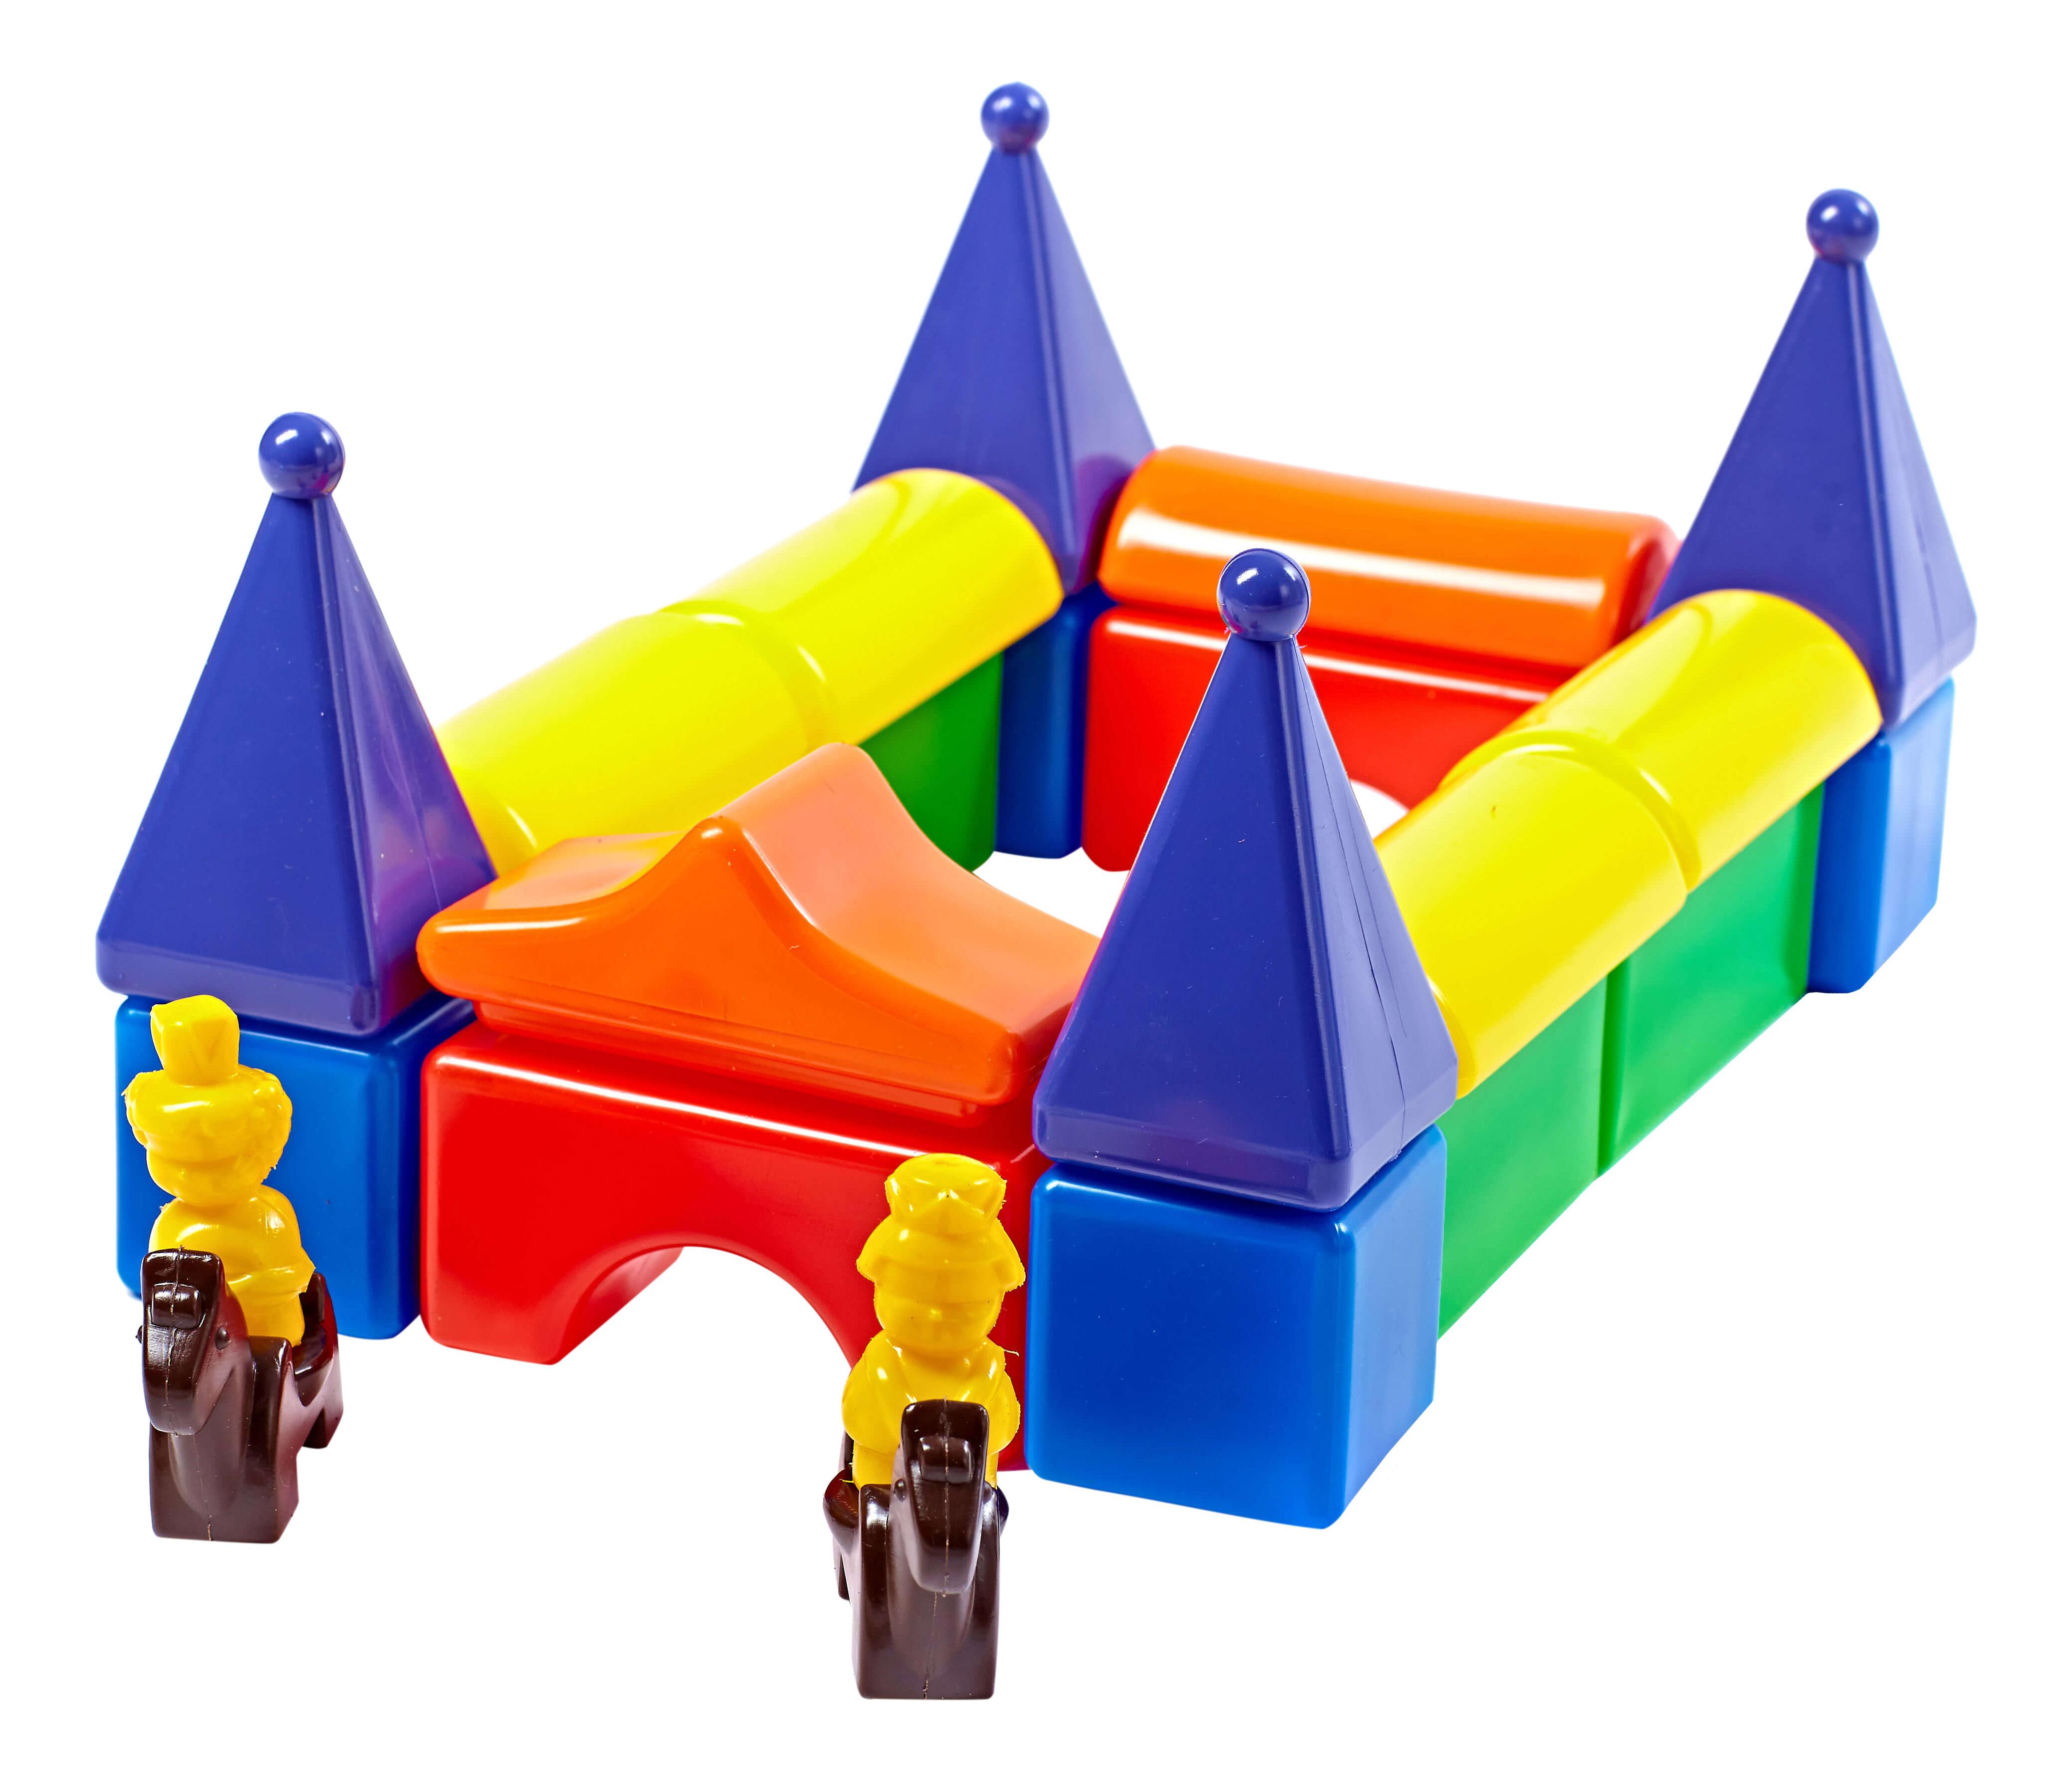 Конструктор для малышей Строим вместе счастливое детство Постоялый двор-2 5251